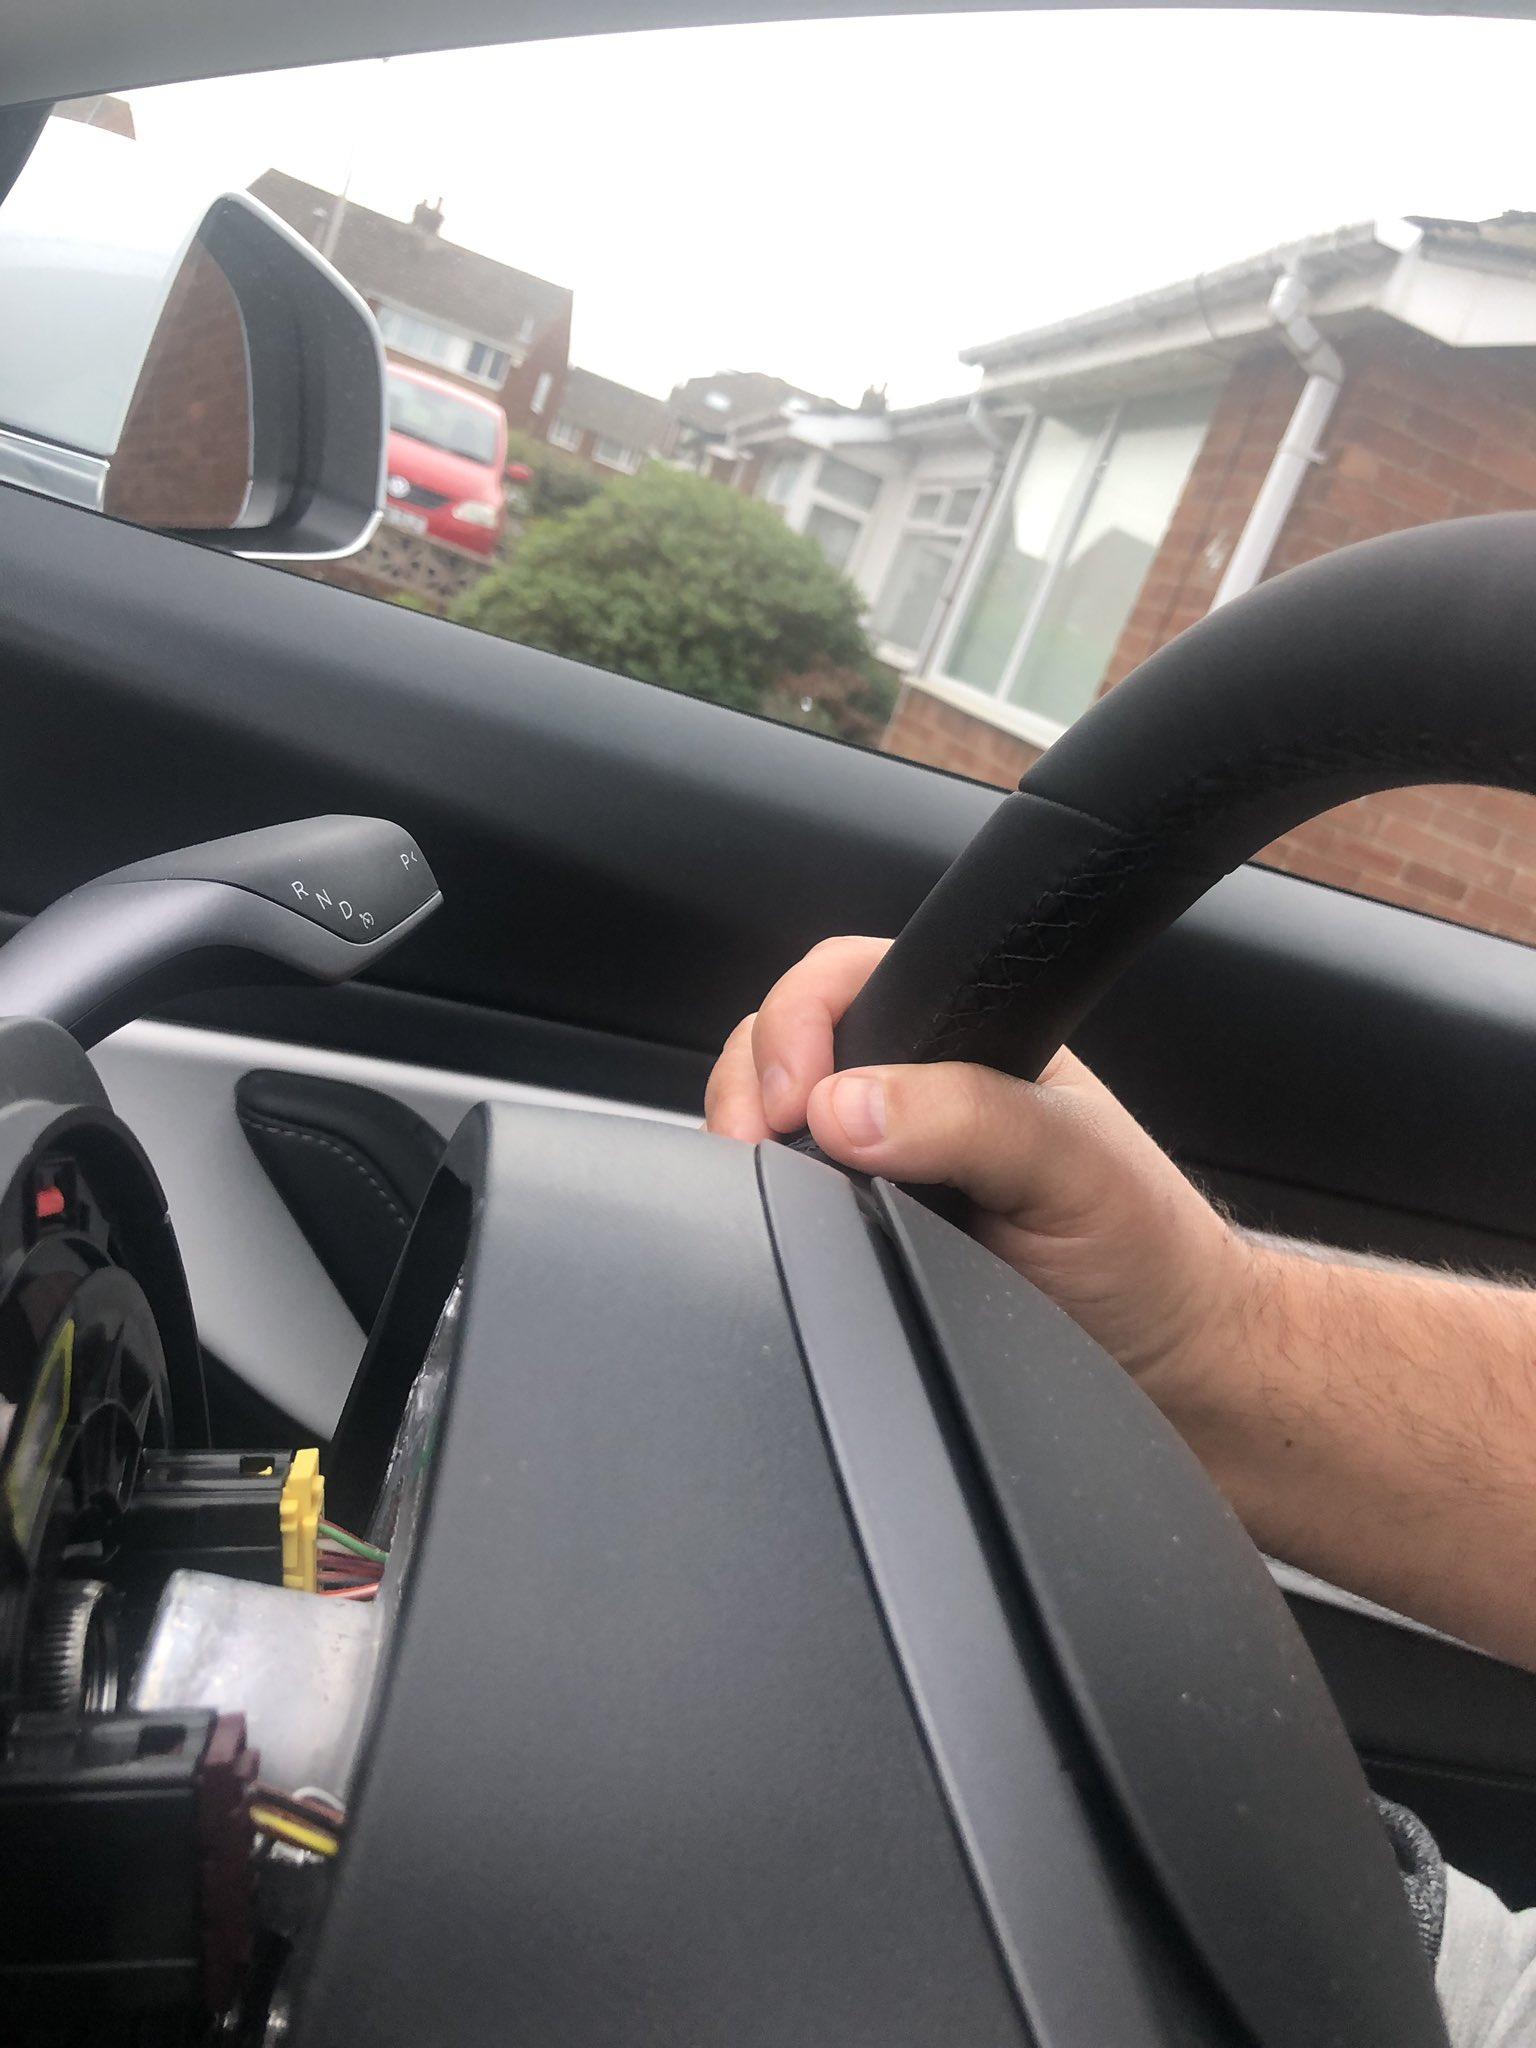 倒车过程中,特斯拉Model 3方向盘竟然脱落,里面没有安装固定螺栓